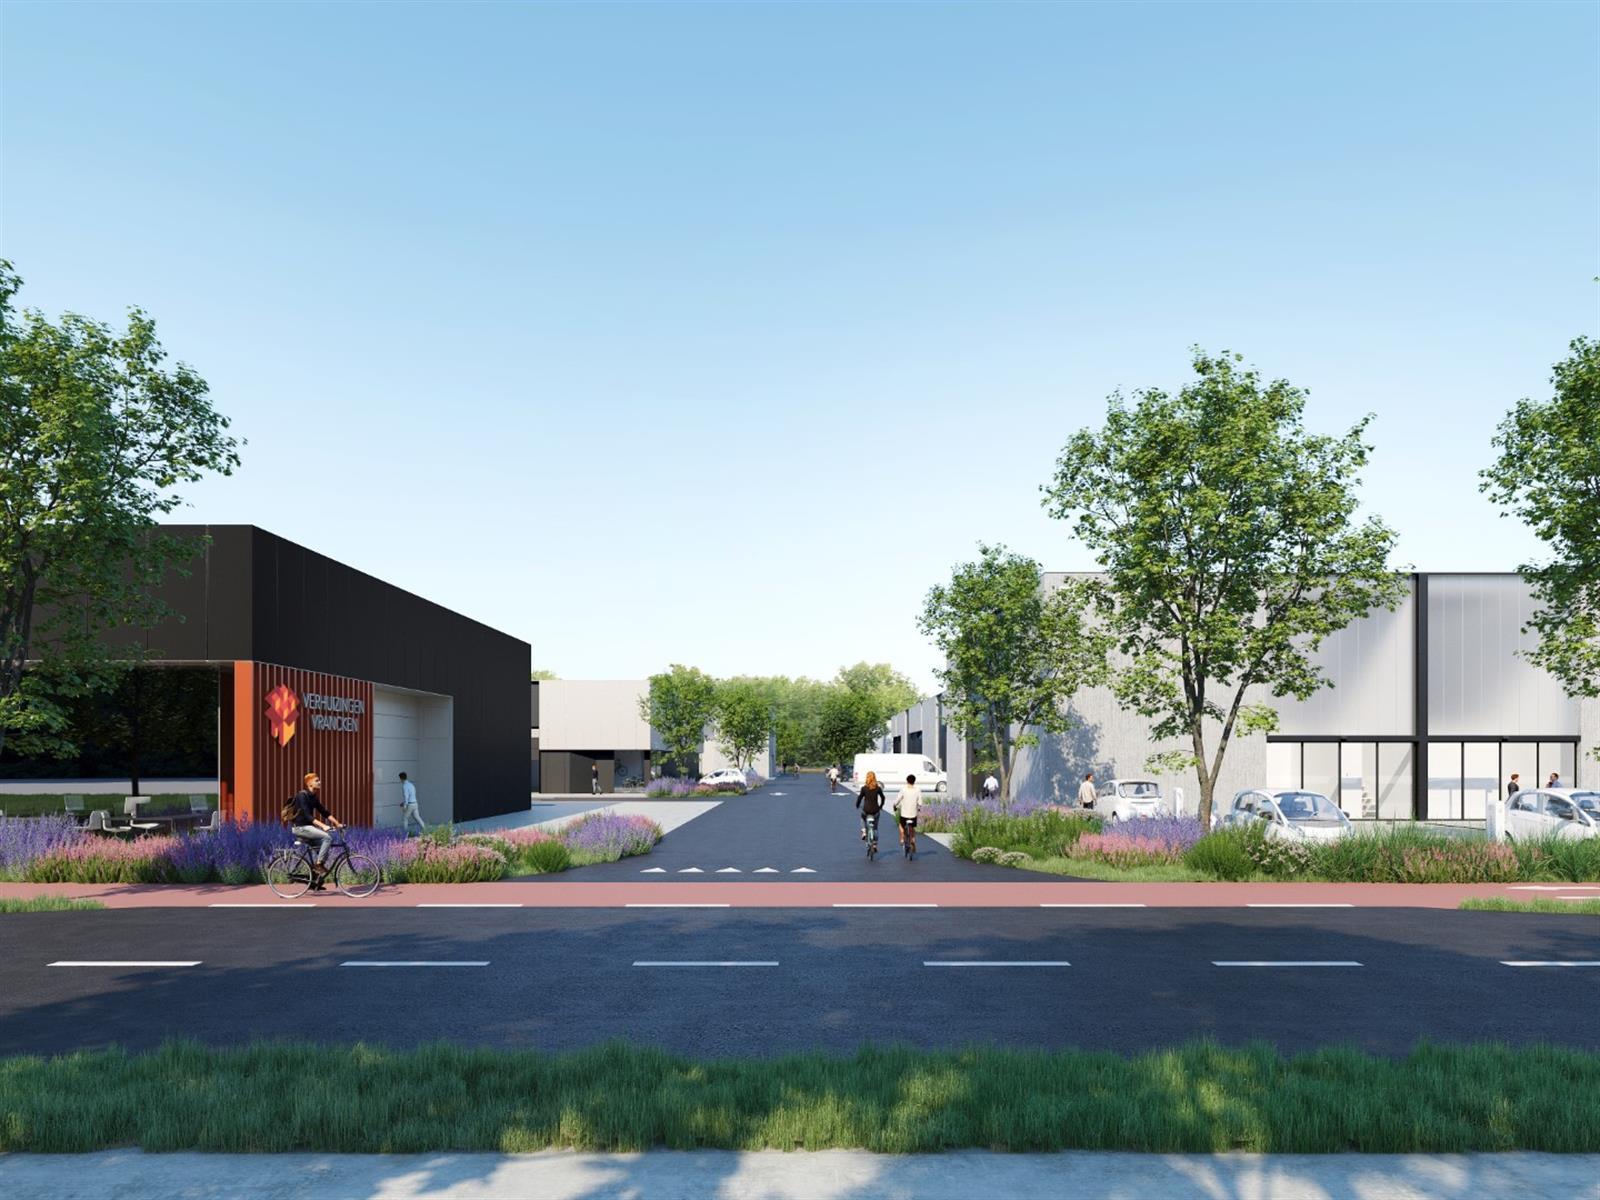 KMO-unit te koop Heros Businesspark KMO Unit 8 - Herkenrodesingel 10, 3500 Hasselt, België 1